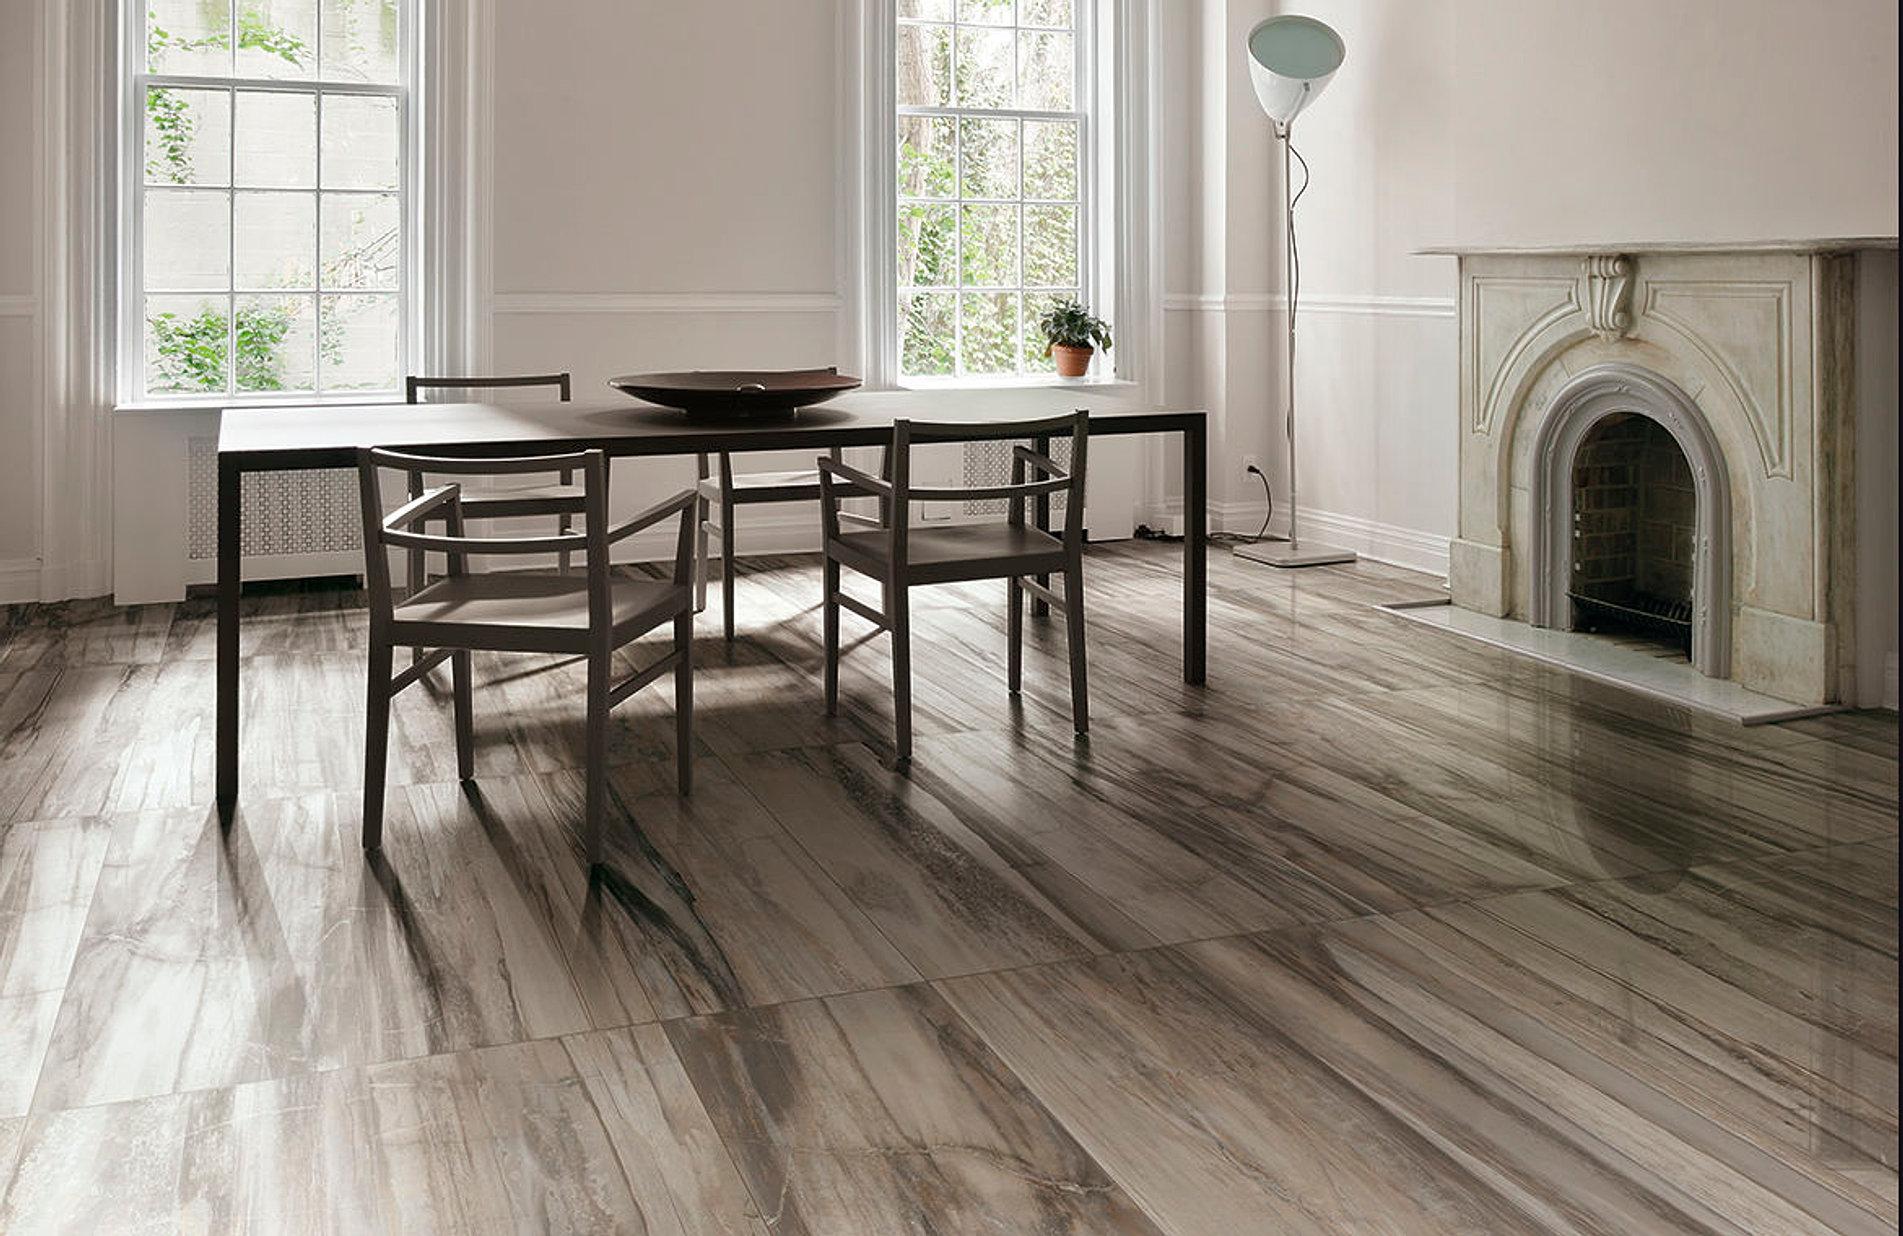 Calvetta brothers floor show 216 662 5550 grey wood floor tile ceramic floor tile stone doublecrazyfo Image collections